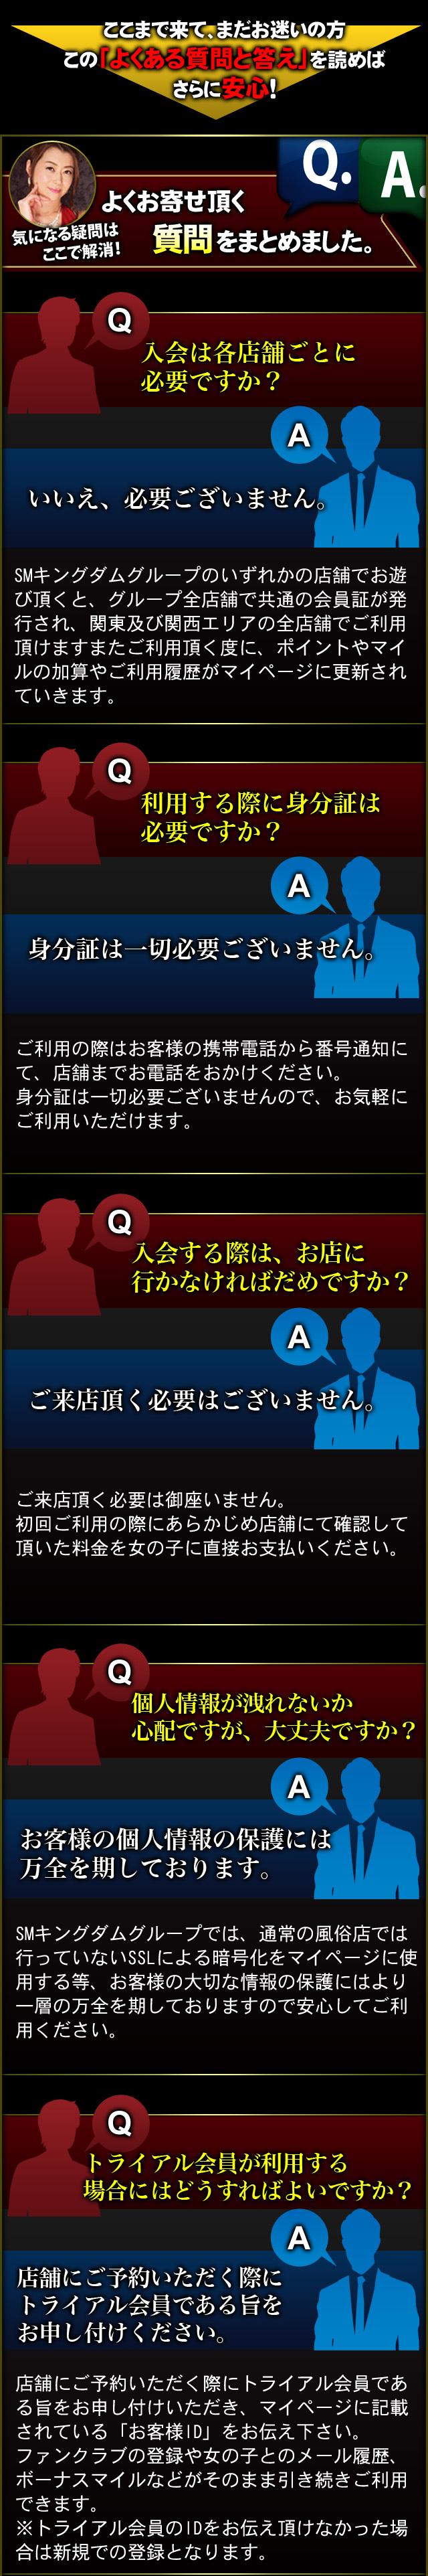 気になる疑問はここで解消!sm-tokyo・SM東京グループによくお寄せ頂く質問をまとめました